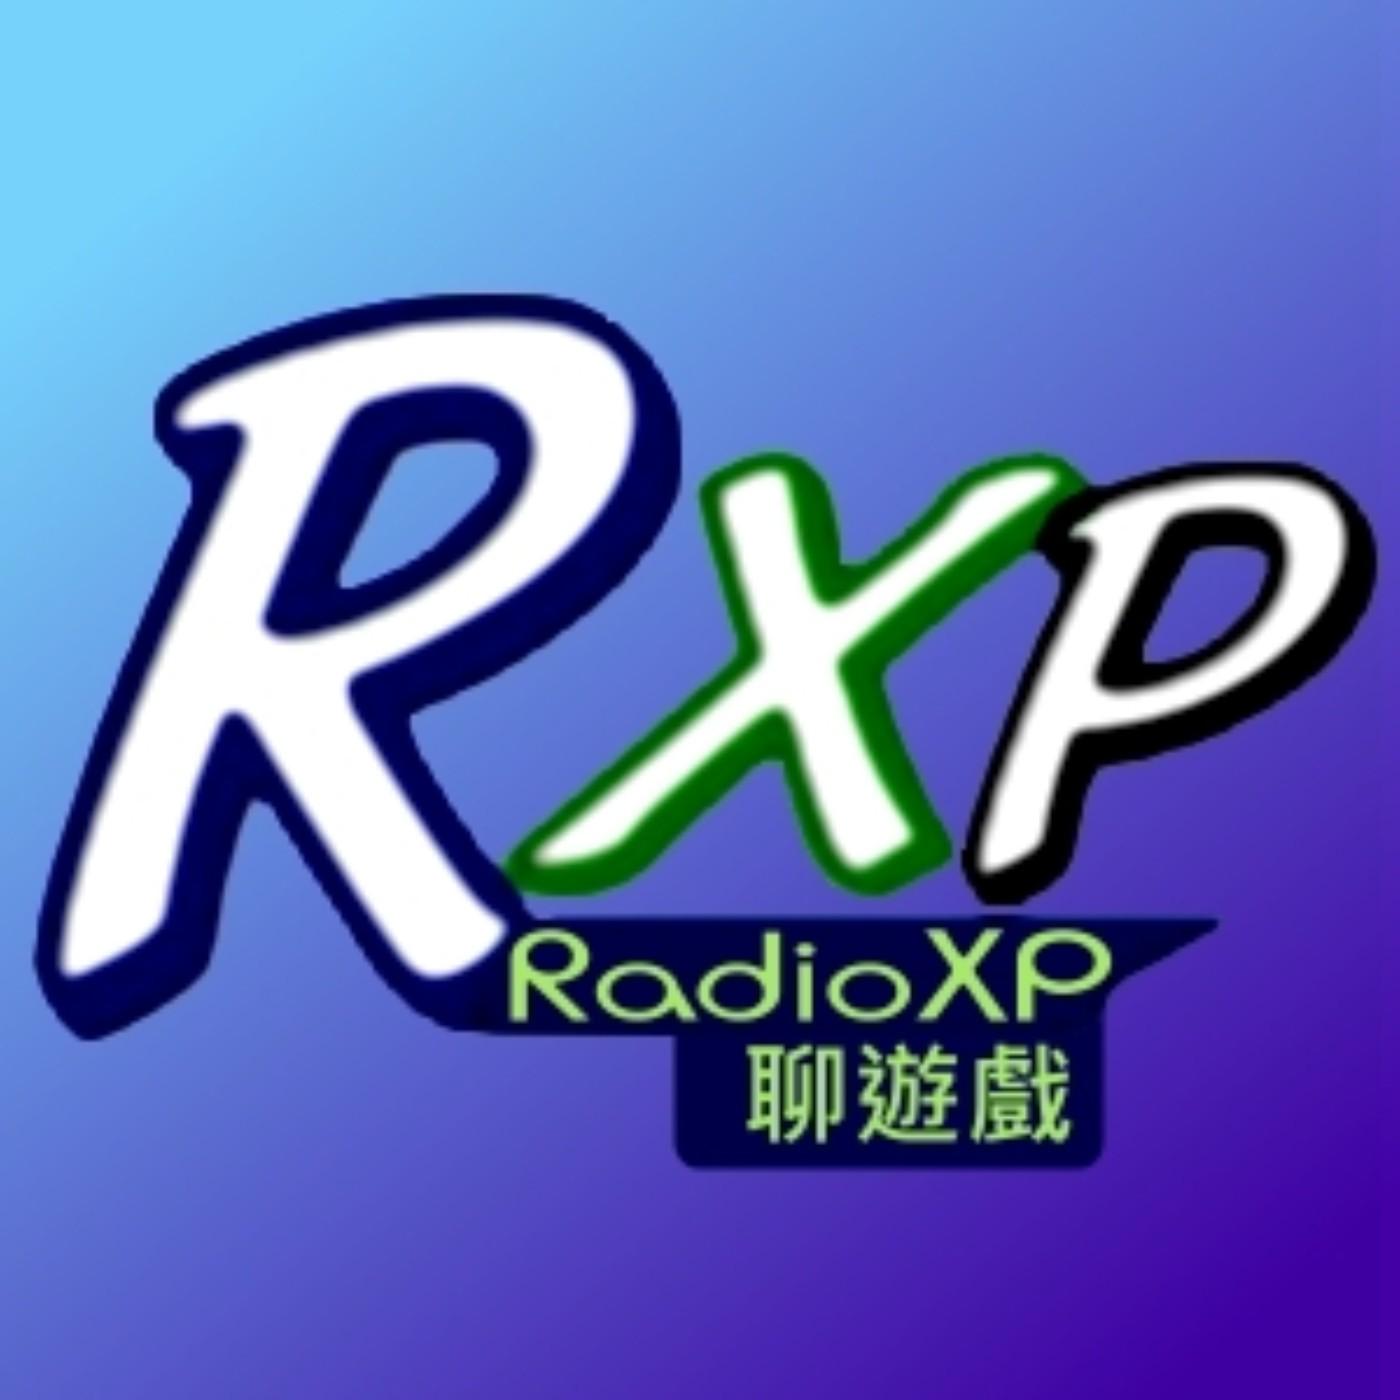 RadioXP聊遊戲 103